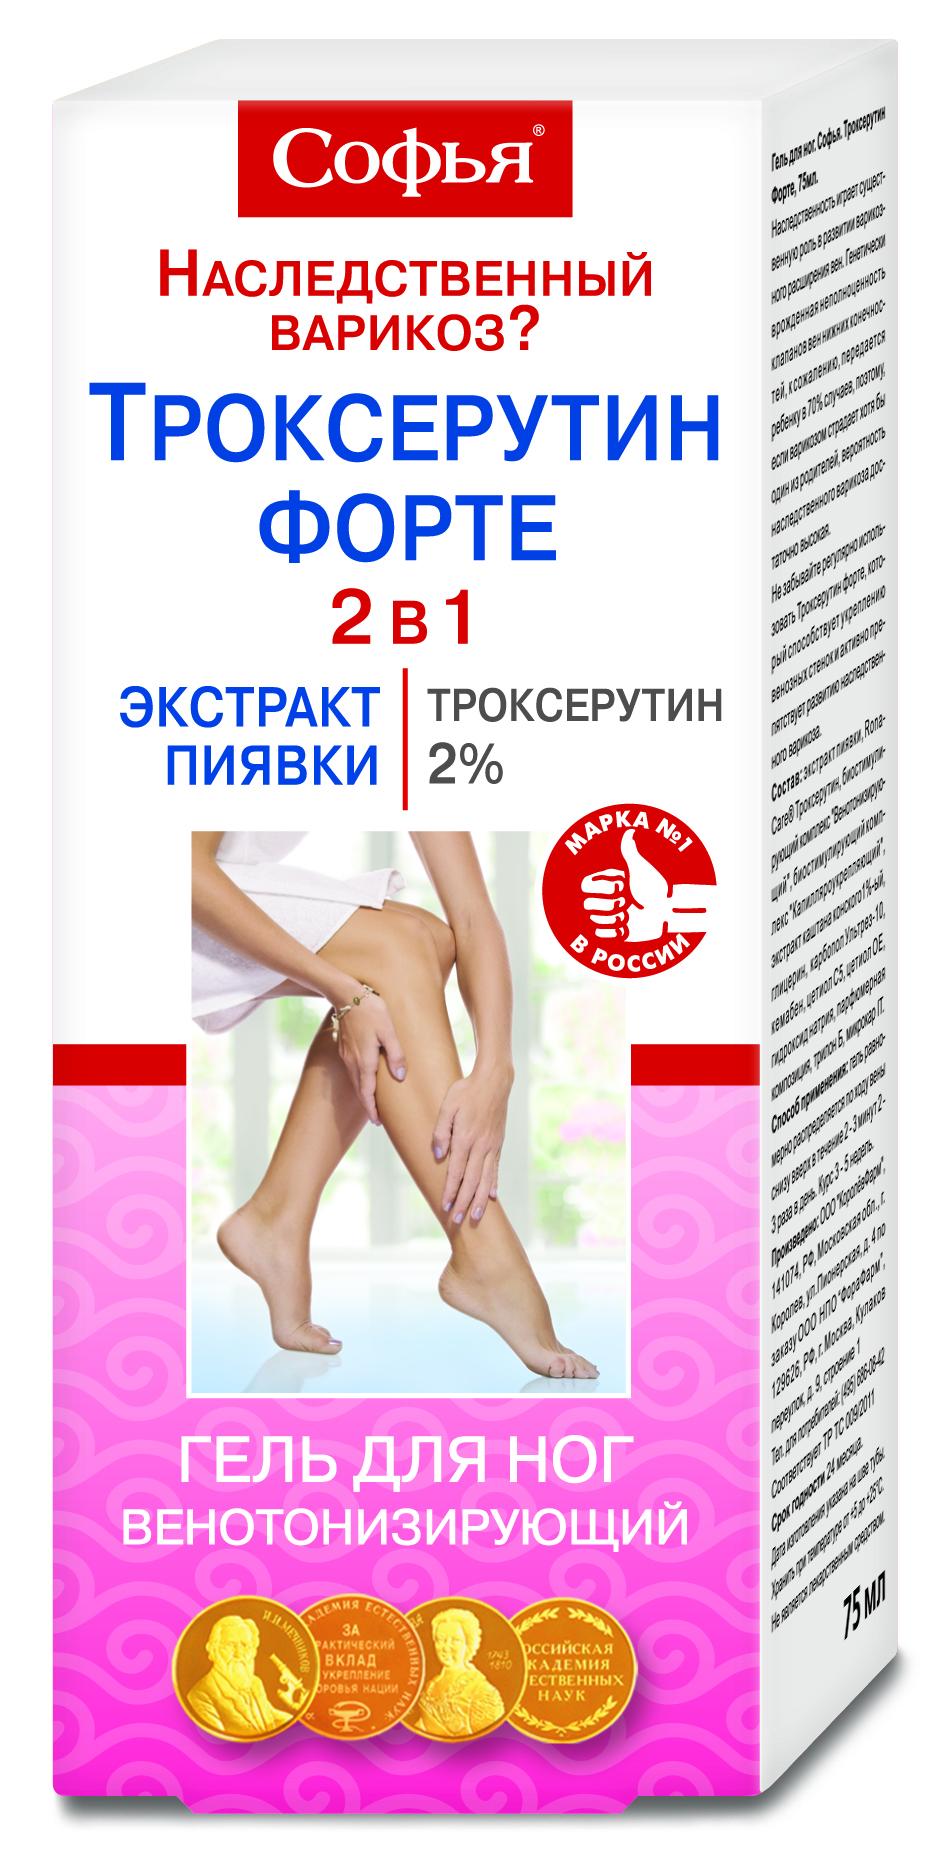 Гель для ног Софья Троксерутин Форте 75мл